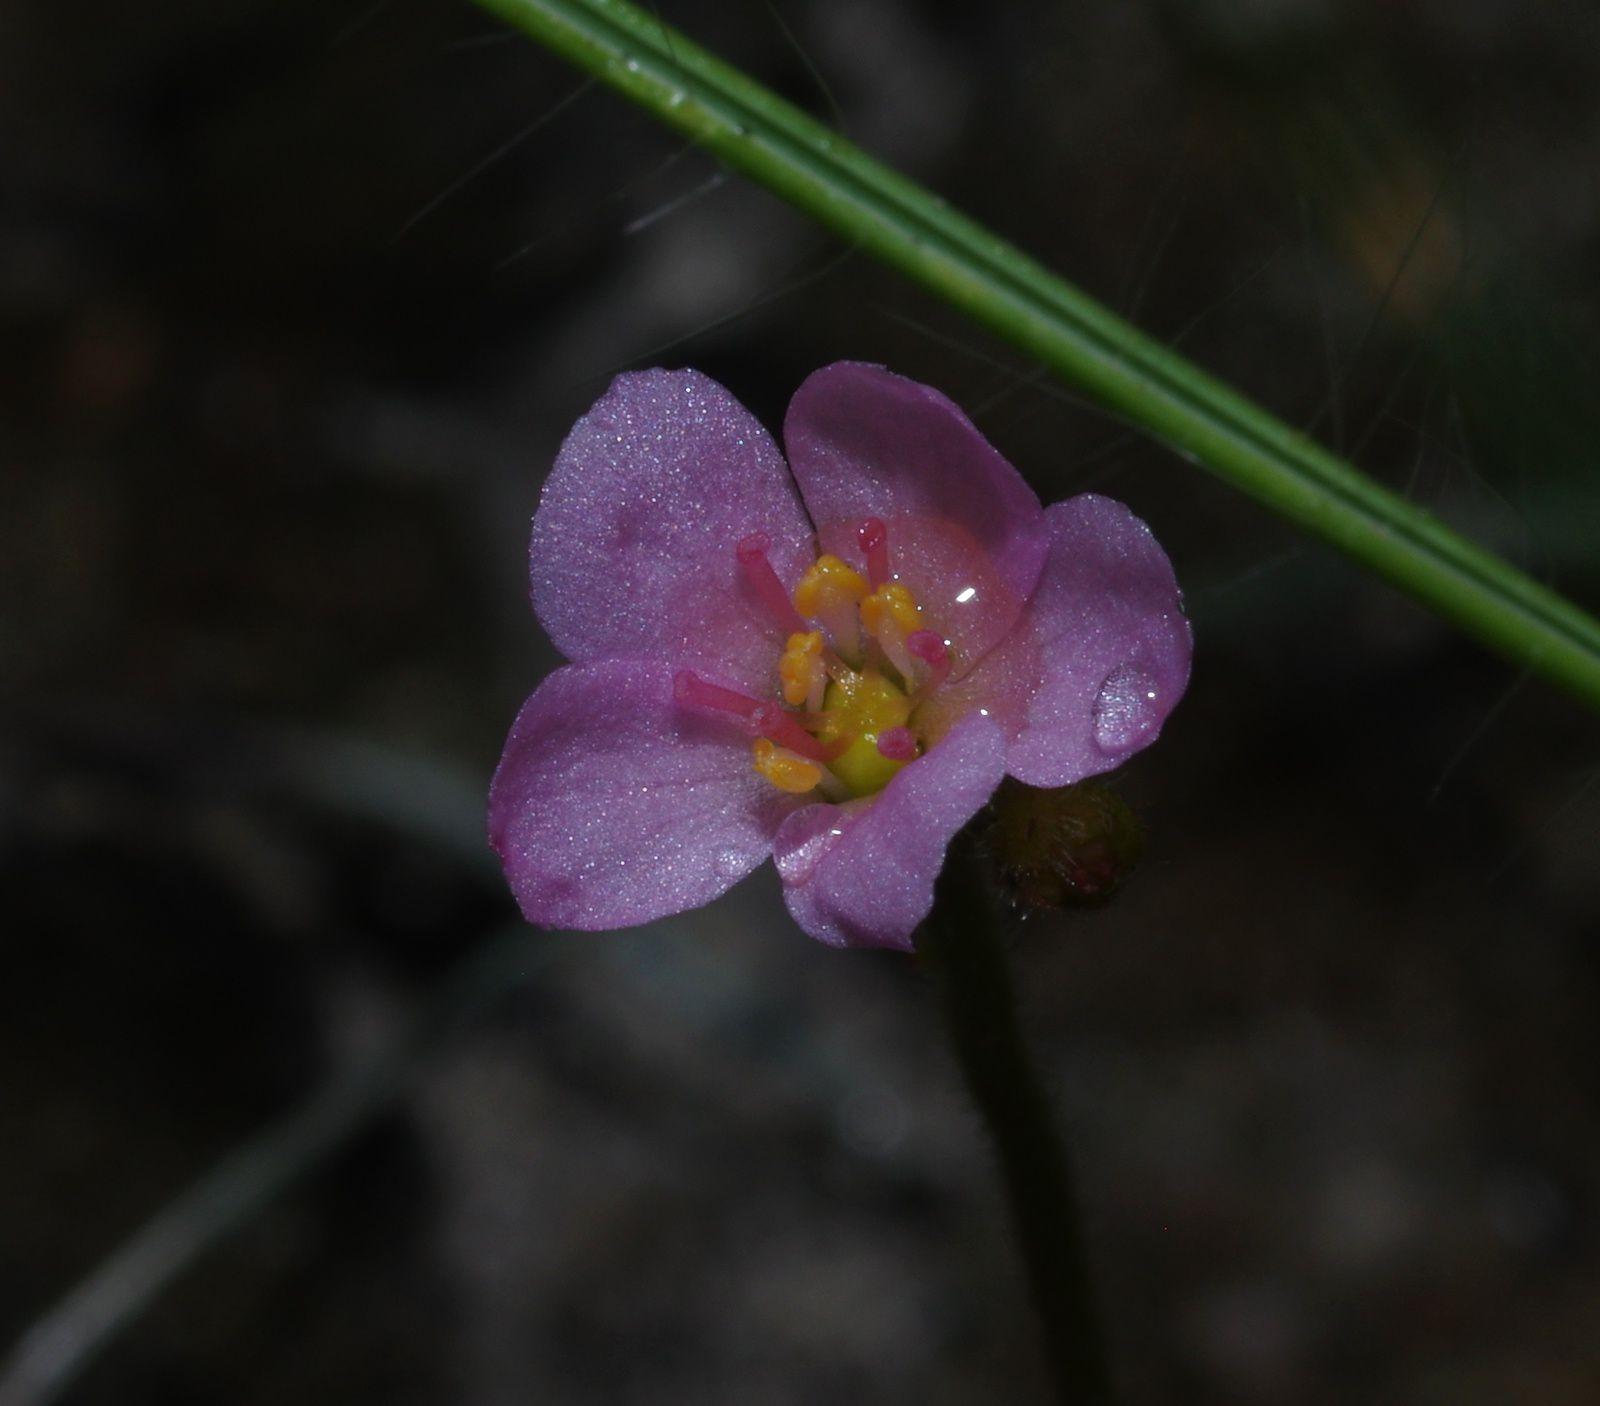 Drosera cayennensis